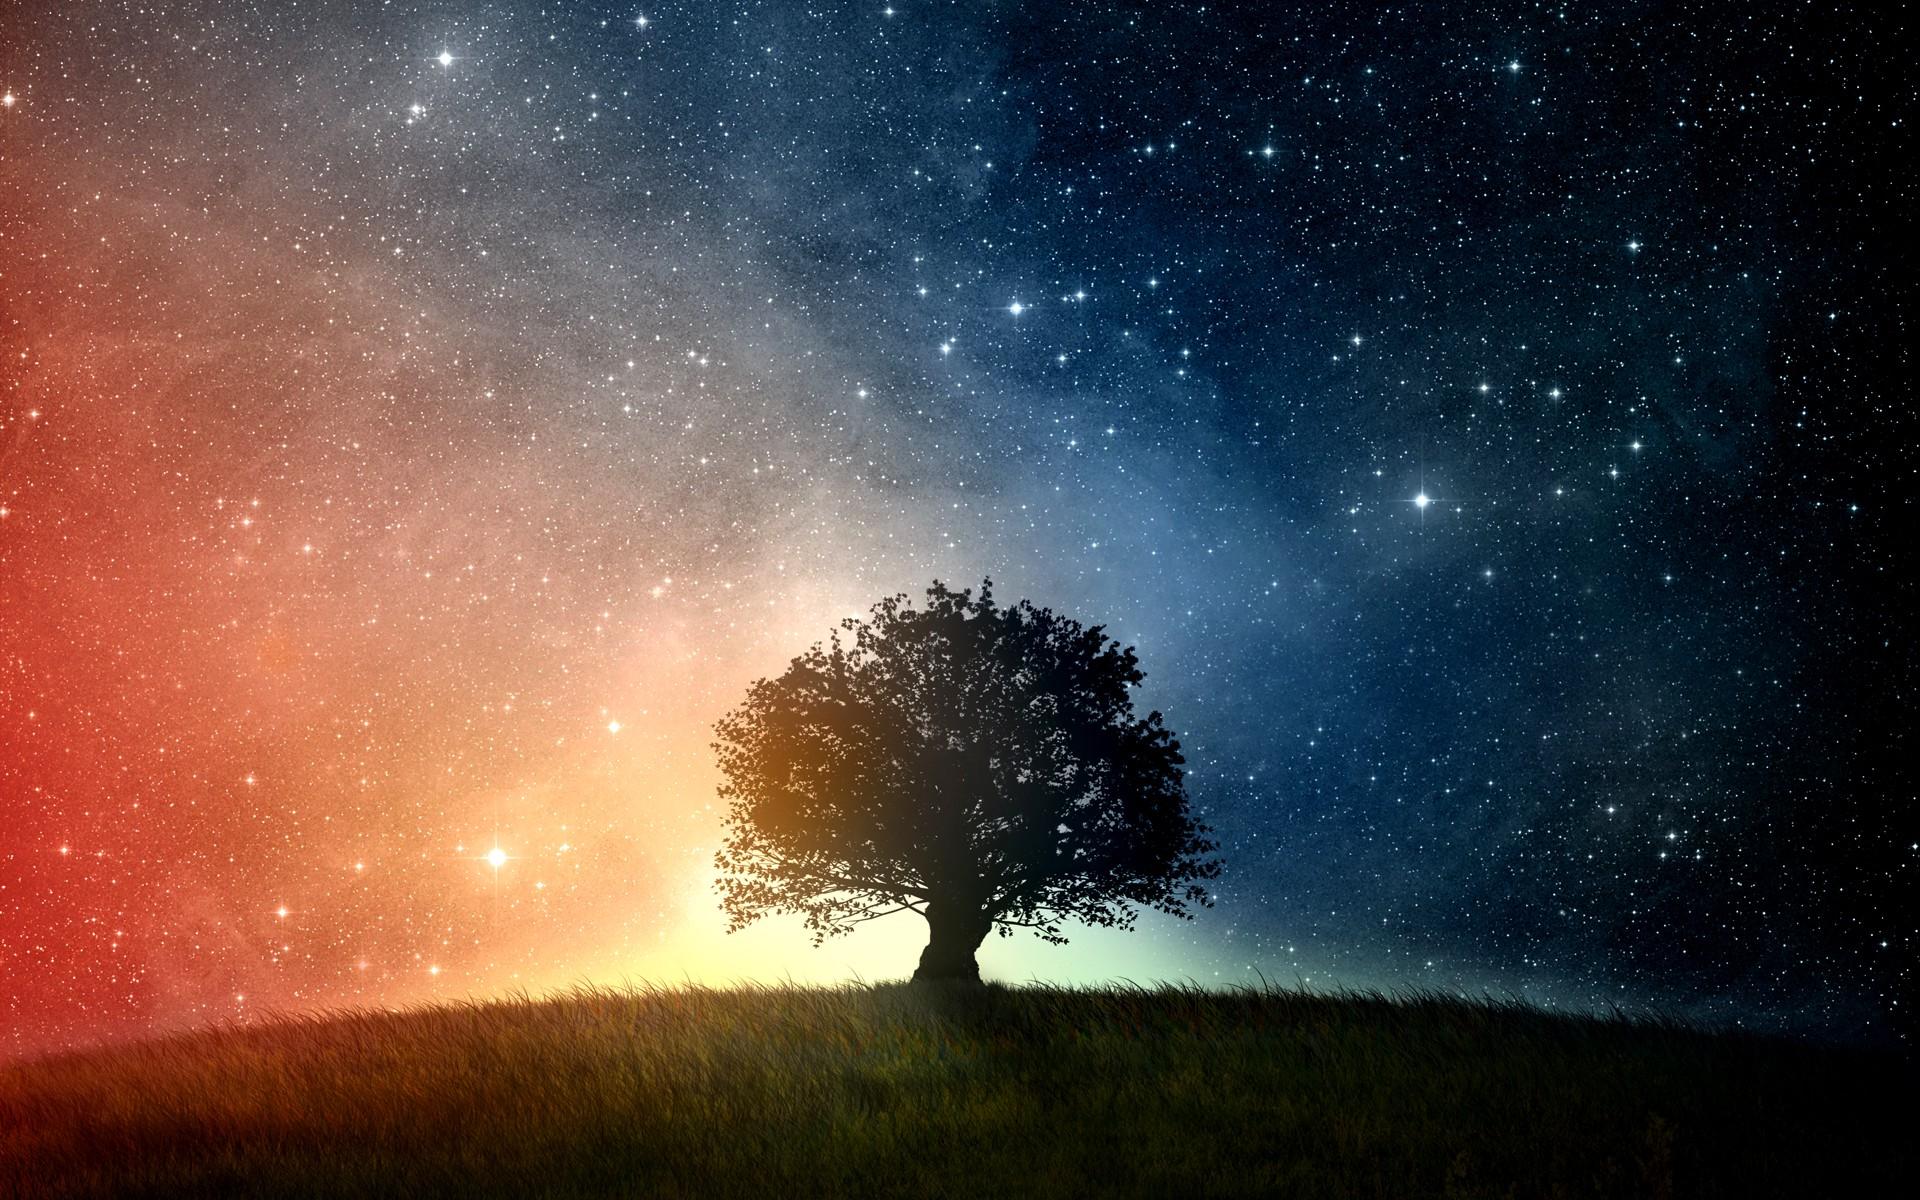 Картинки с деревом и звездами